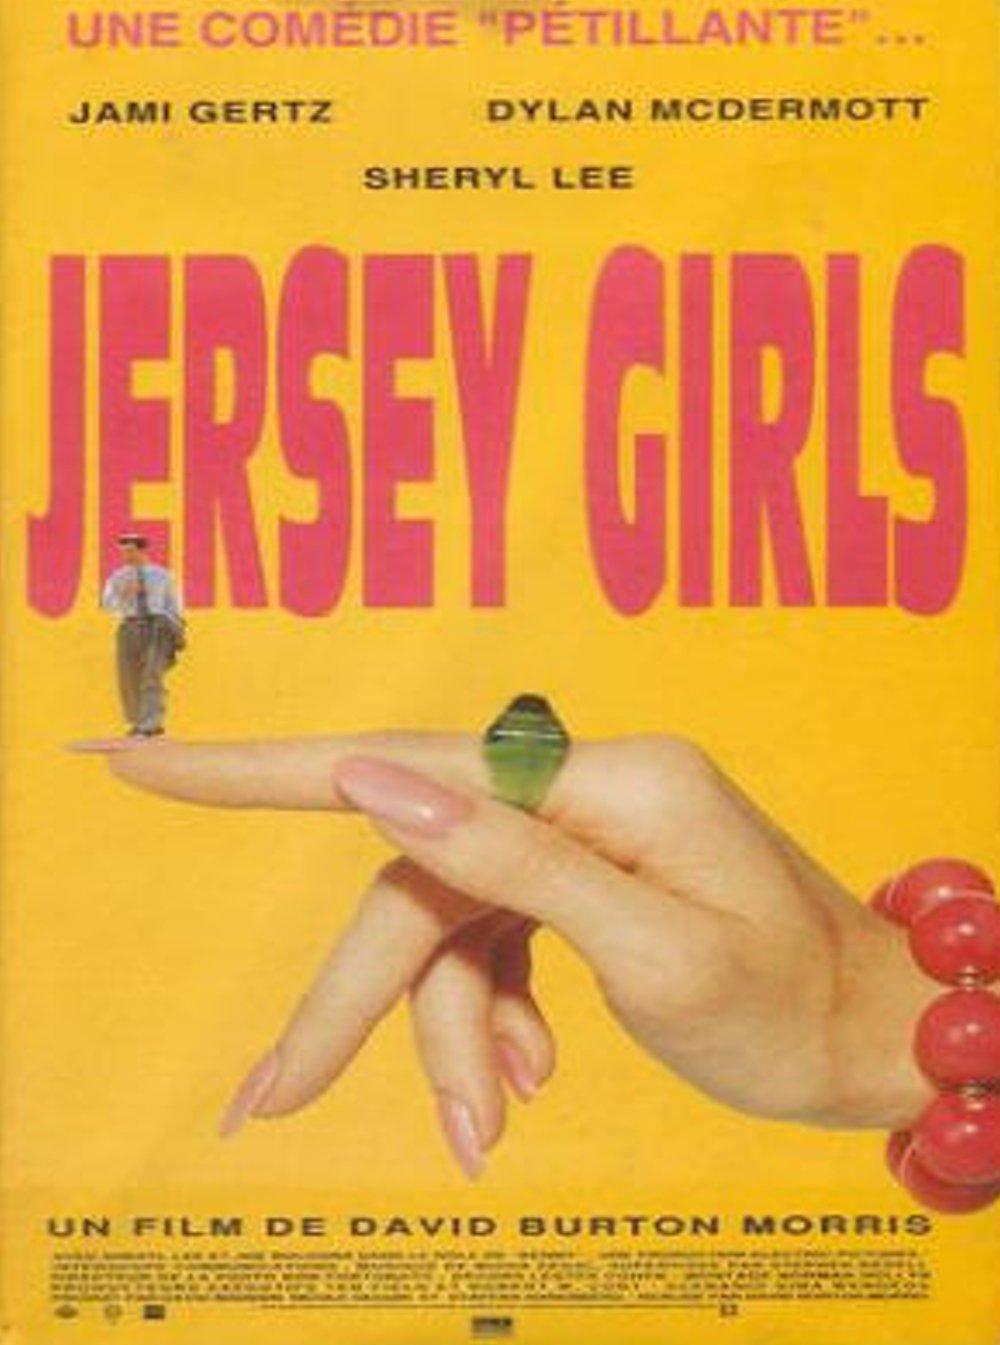 affiche du film Jersey girls